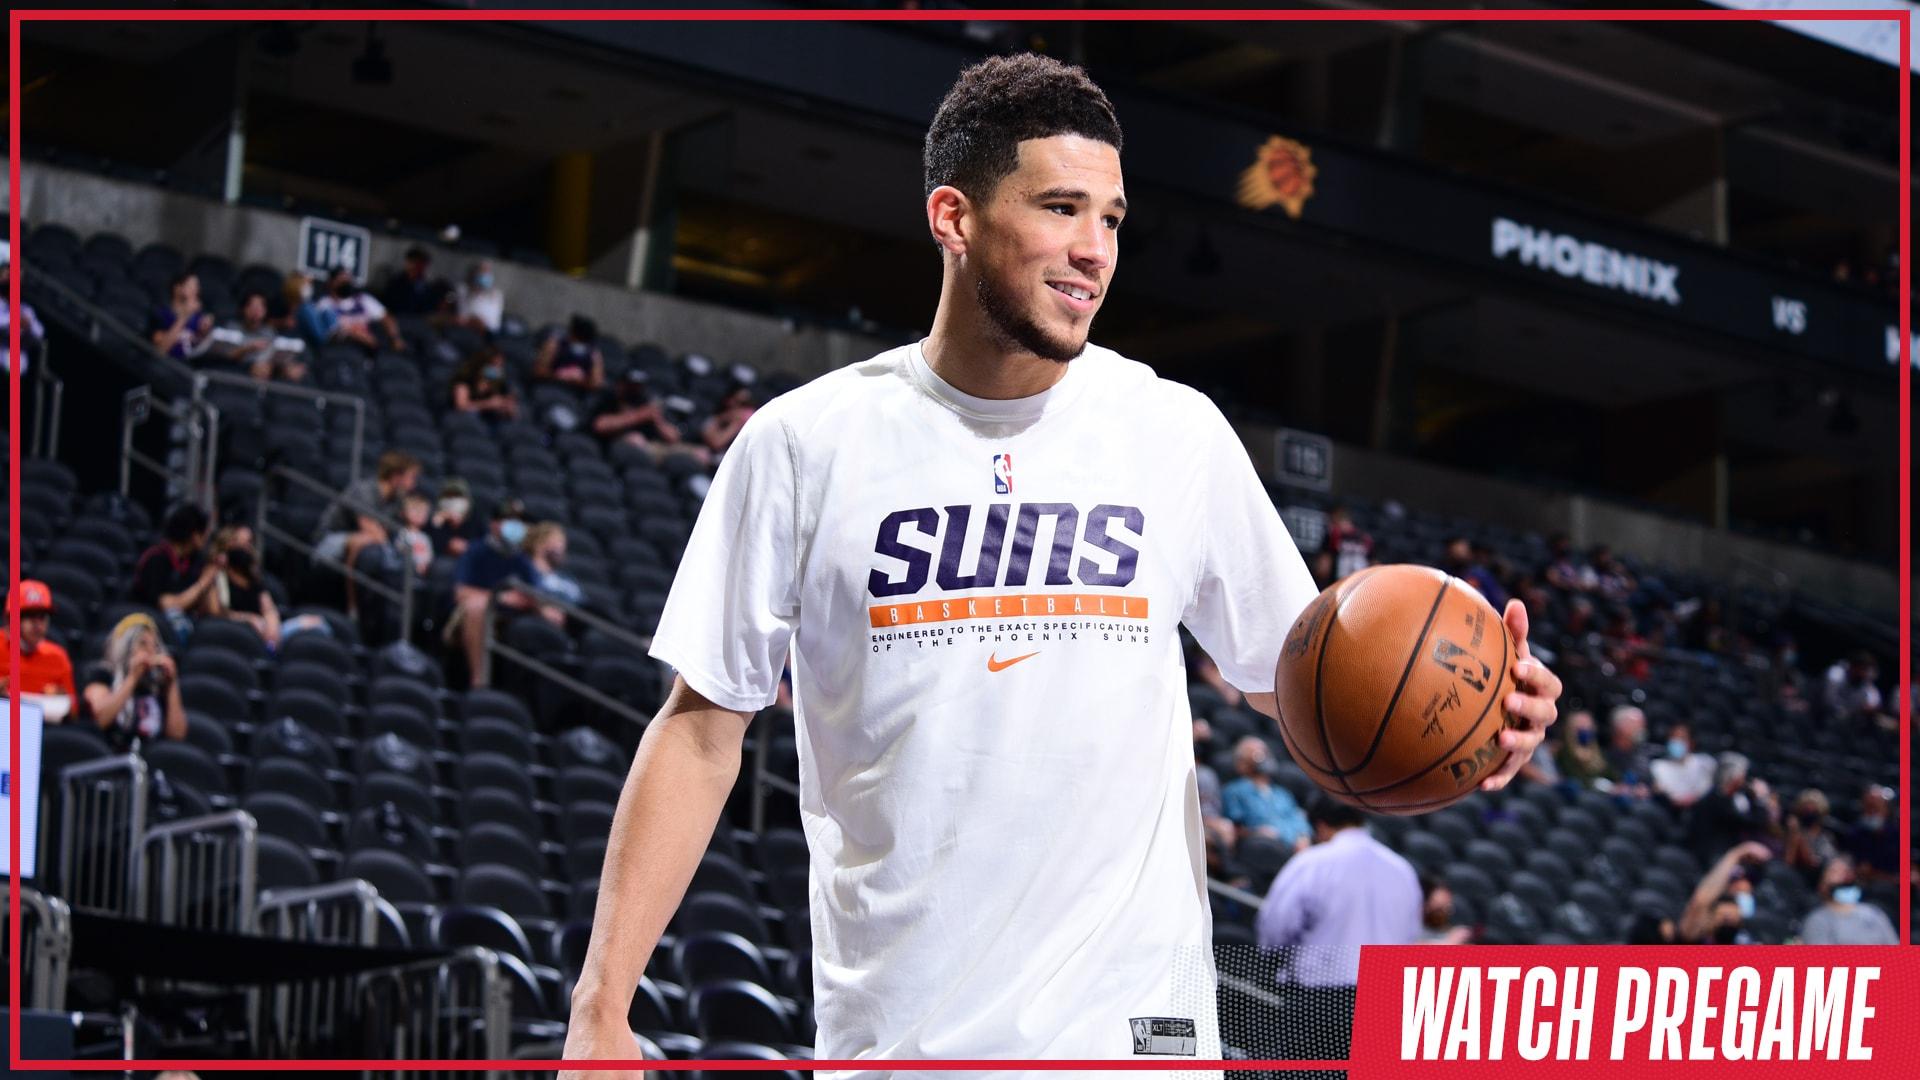 Watch Free: Suns vs. Spurs Pregame